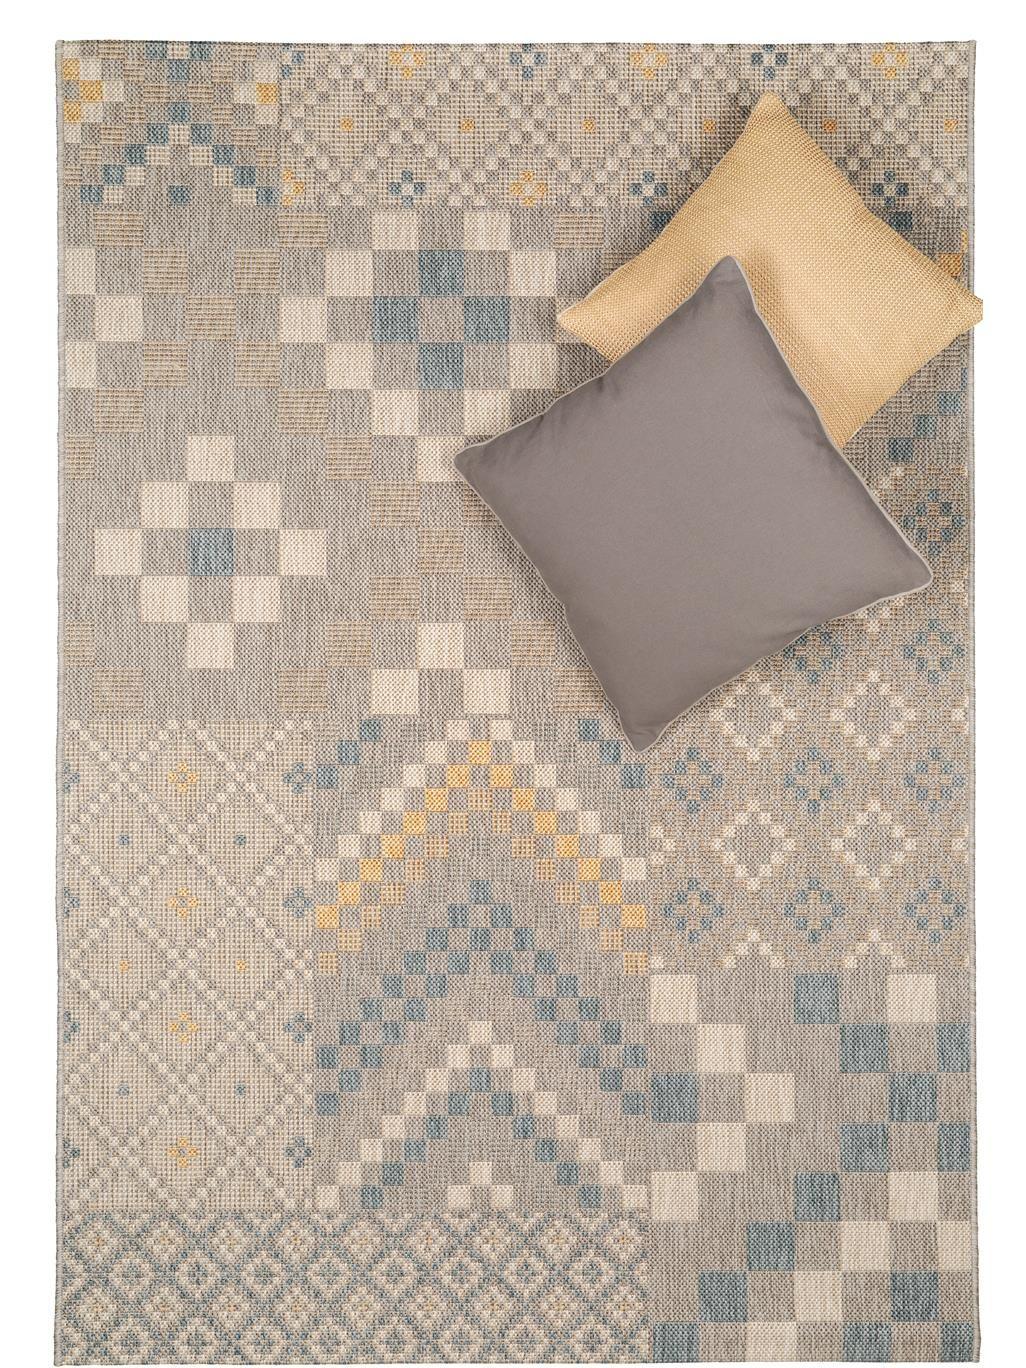 der flachgewebte teppich geometrie von benuta verbindet in sich verschiedene geometrische muster zu einem coolen pixel patchwork sein pfiffiges design ist - Teppich Geometrisches Muster